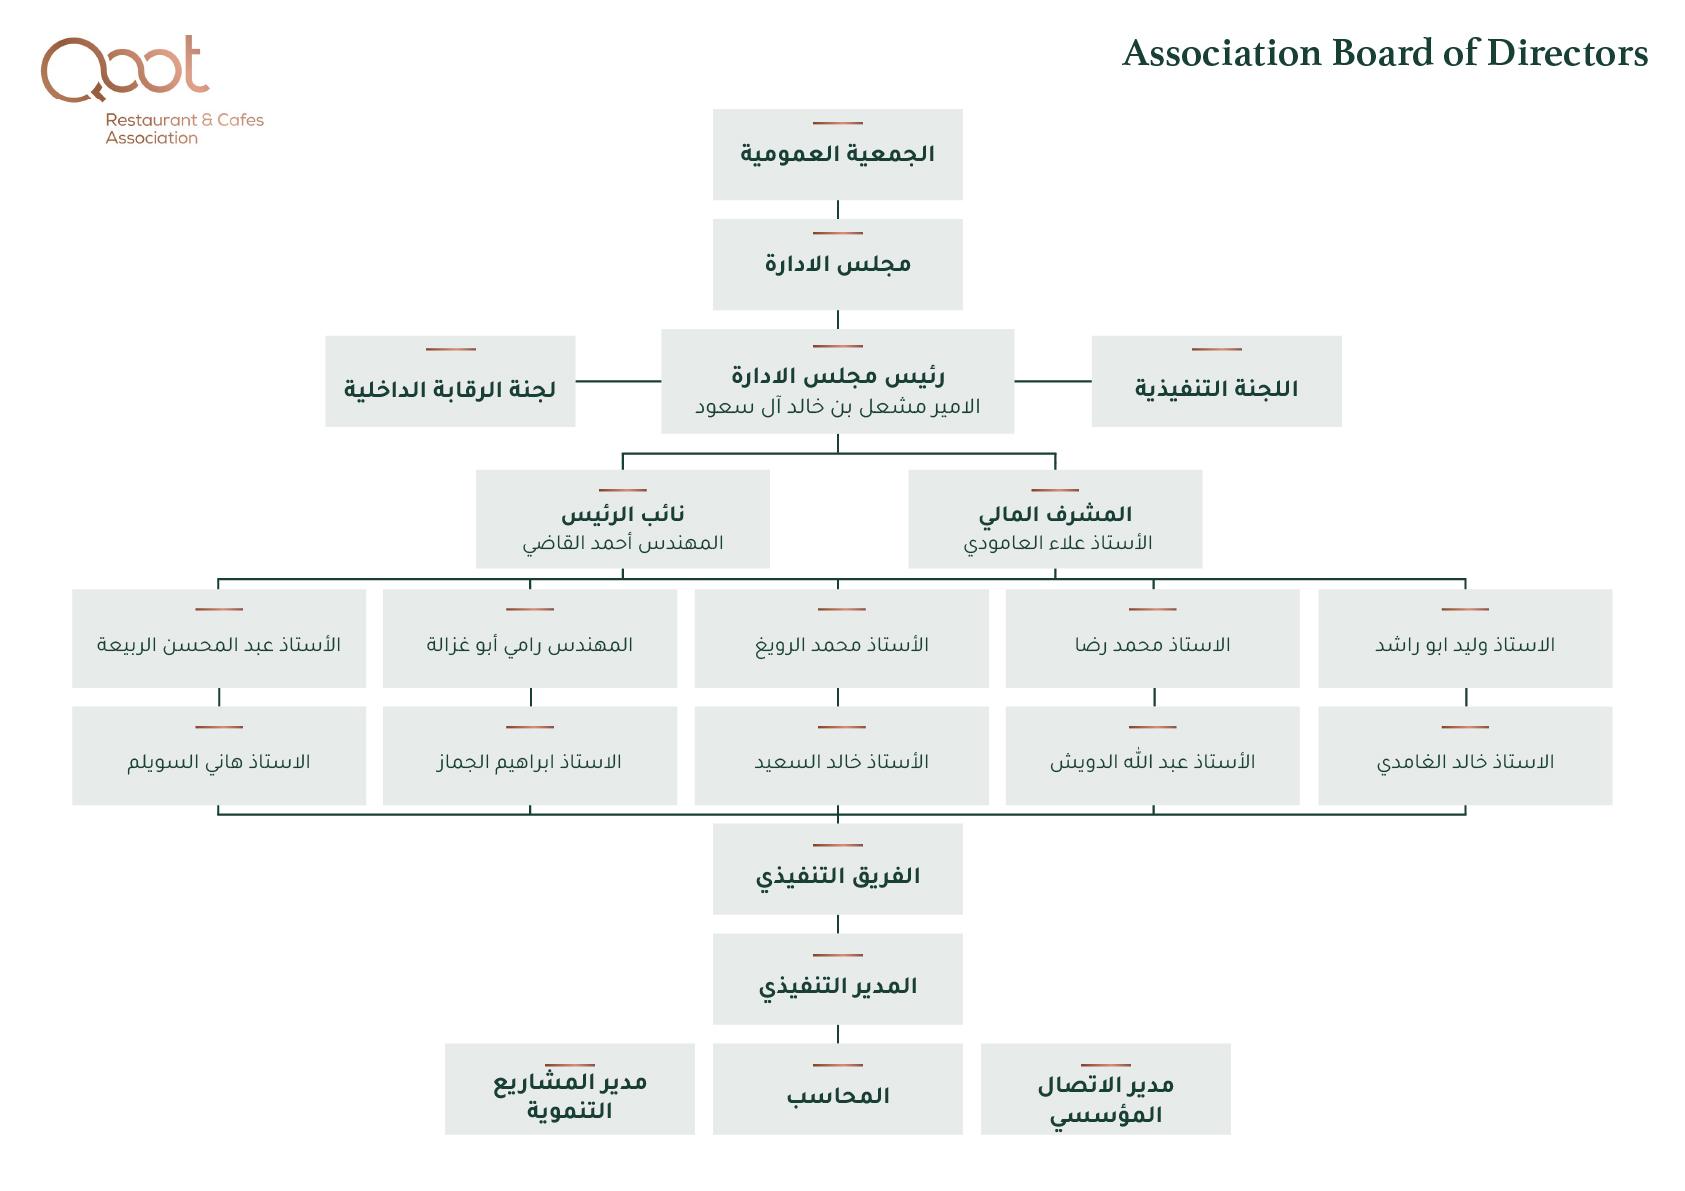 Qoot_Board of Directors_Arabic